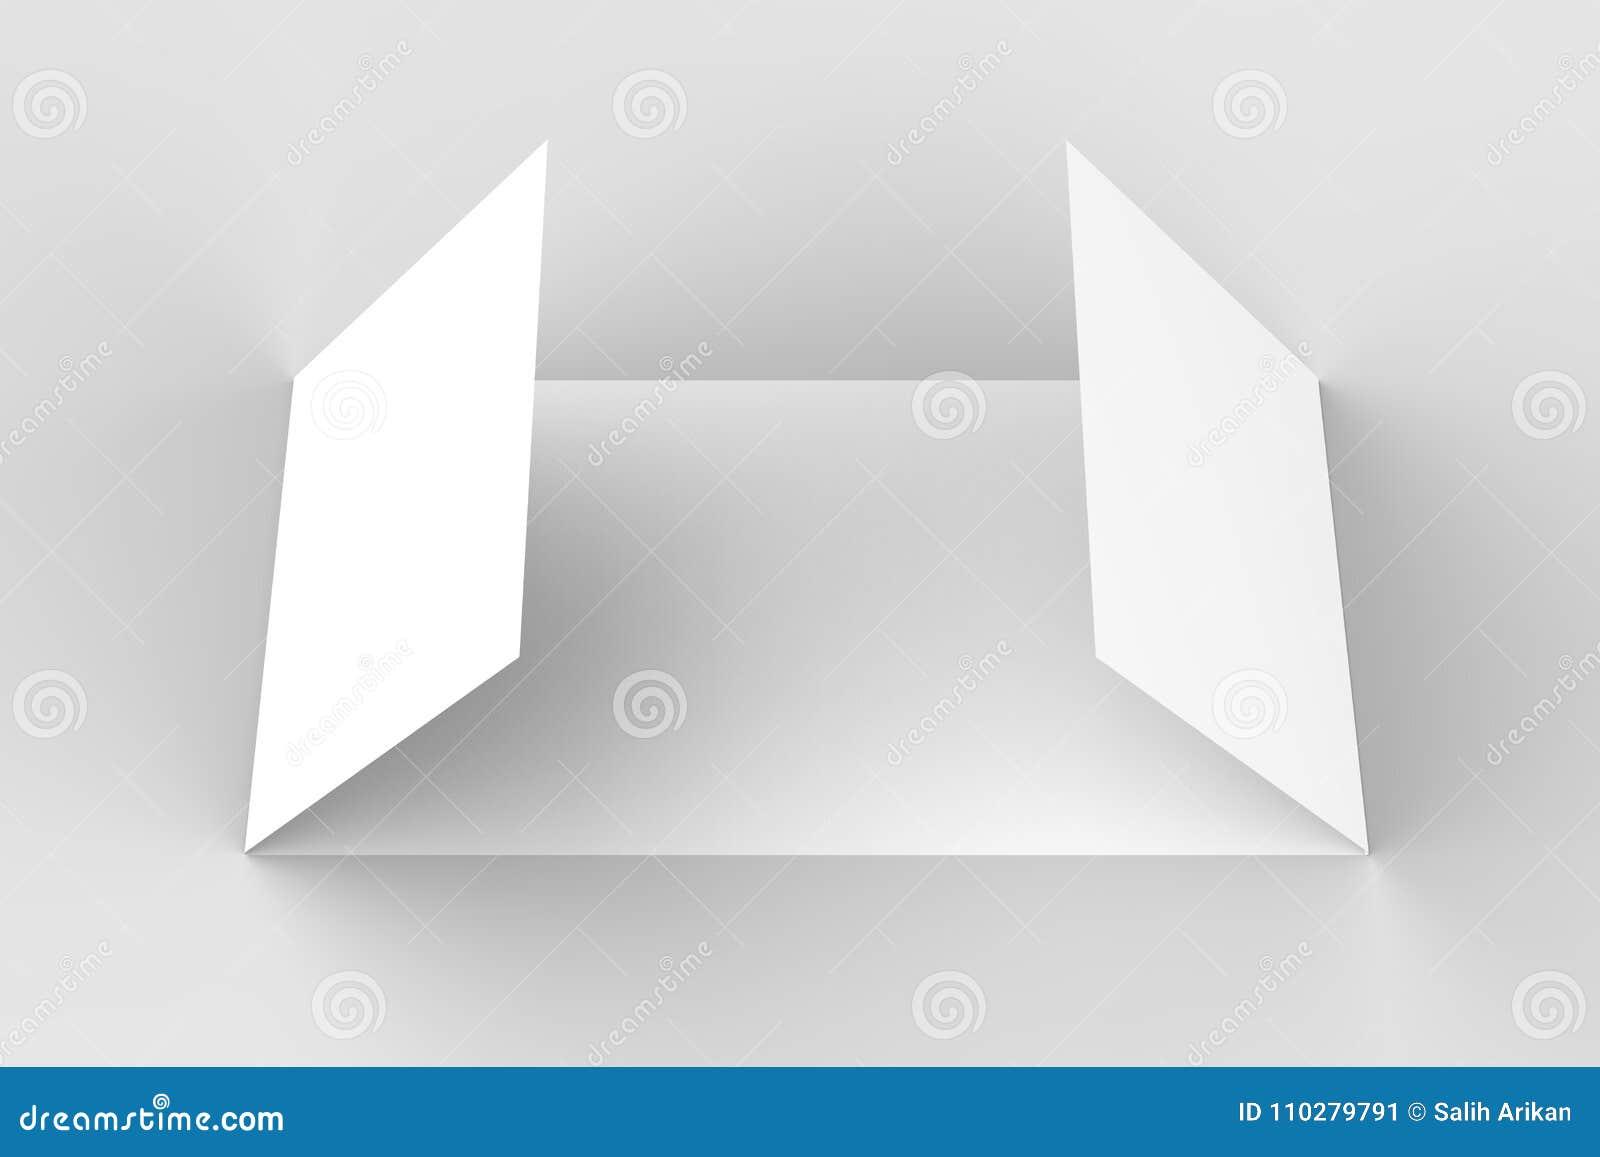 Download Horizontal   Landscape Gate Fold Brochure Mock Up On So Stock  Illustration   Illustration Of